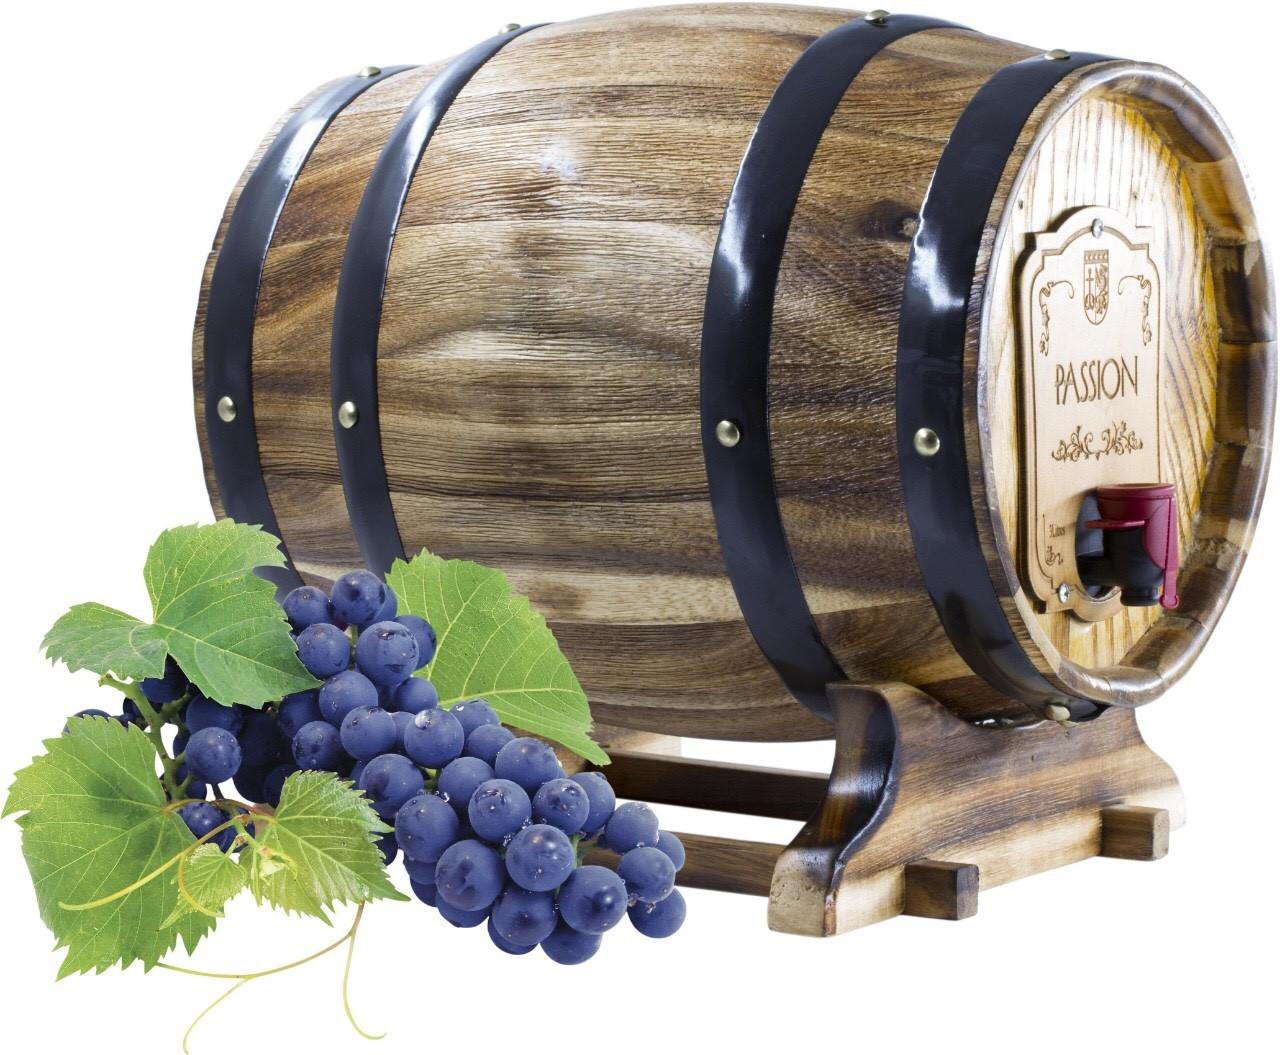 Rượu vang đỏ Passion Trống gỗ 3Lít